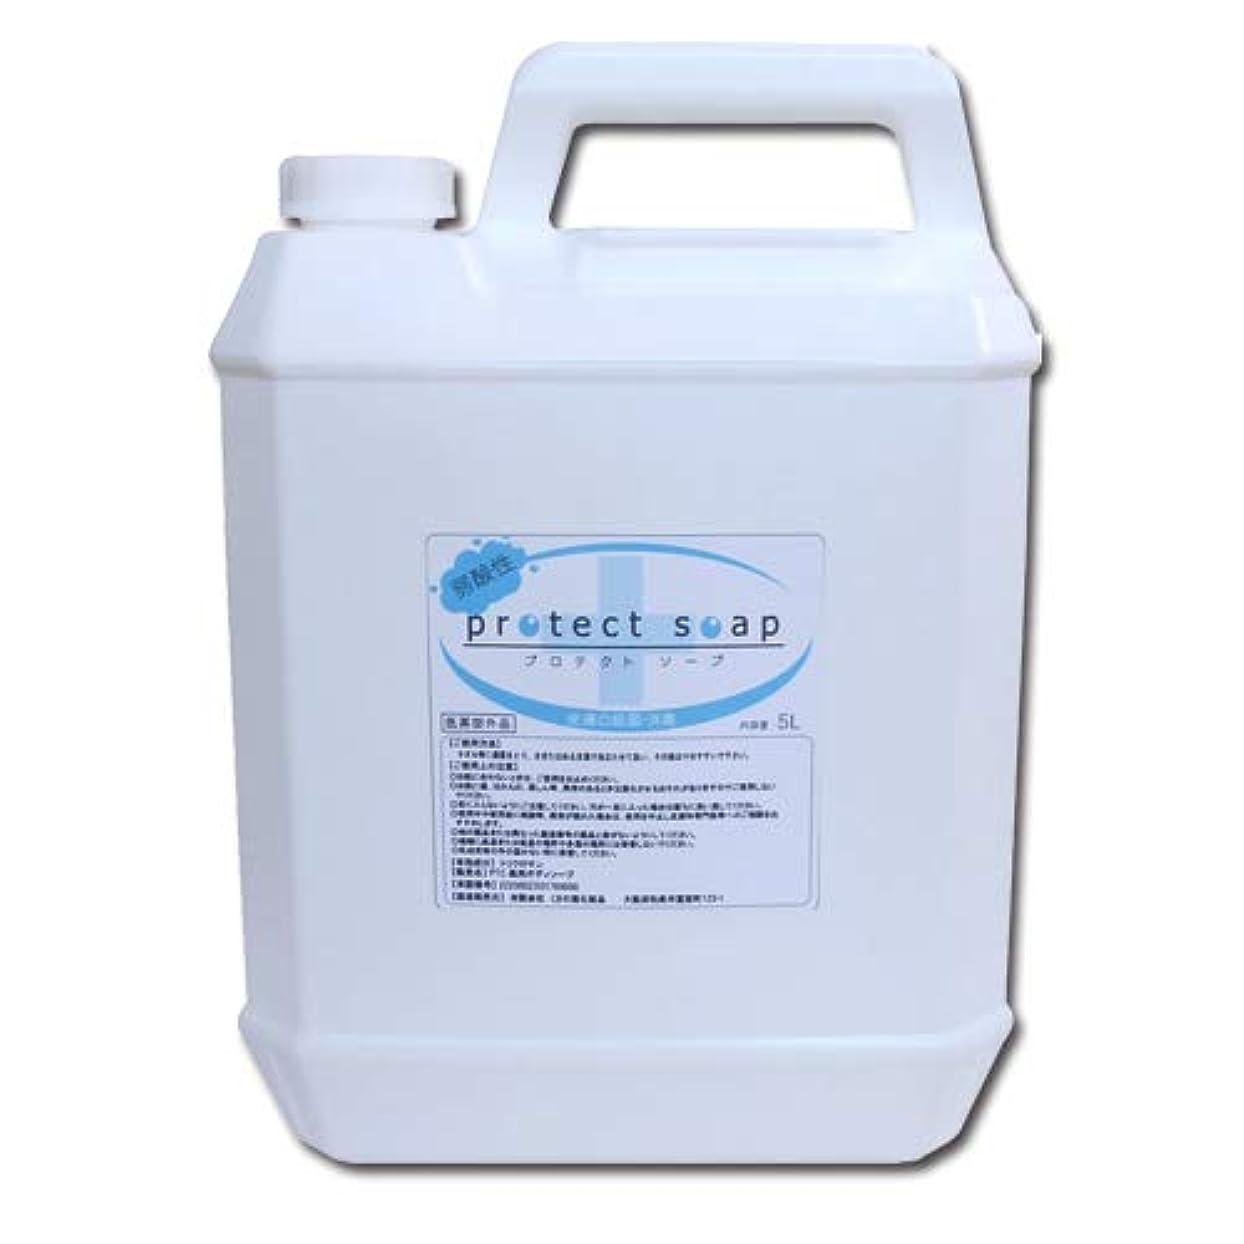 ゆりかご故意に北低刺激弱酸性 液体石鹸 プロテクトソープ 5L 業務用│せっけん液 液体せっけん 殺菌?消毒 インフルエンザ?ノロウィルス対策